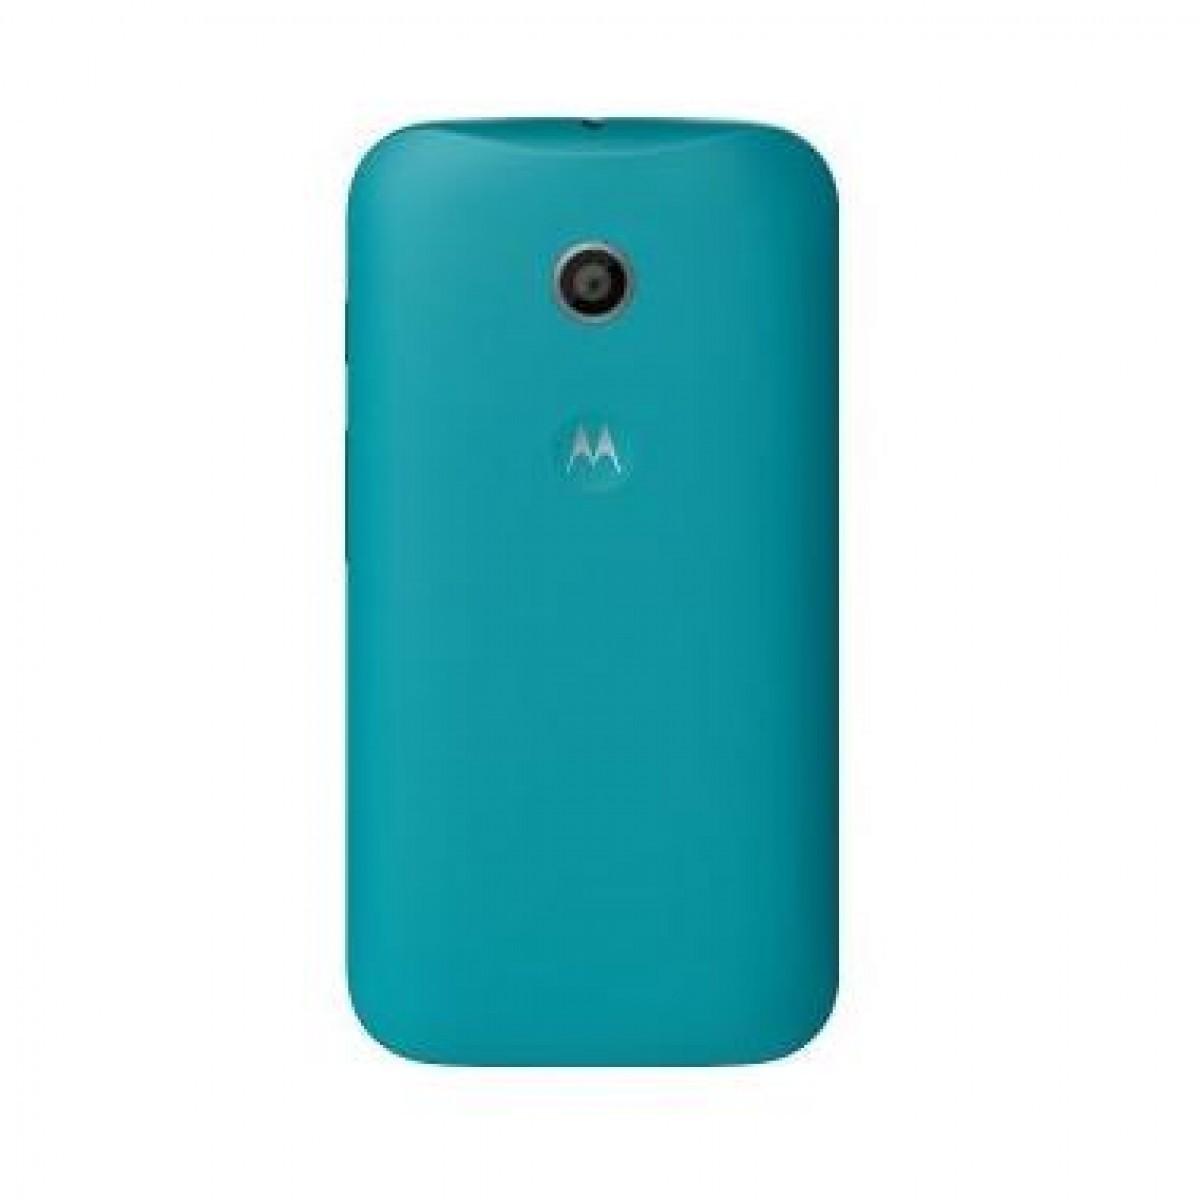 Motorola Shell für Motorola Moto E türkis